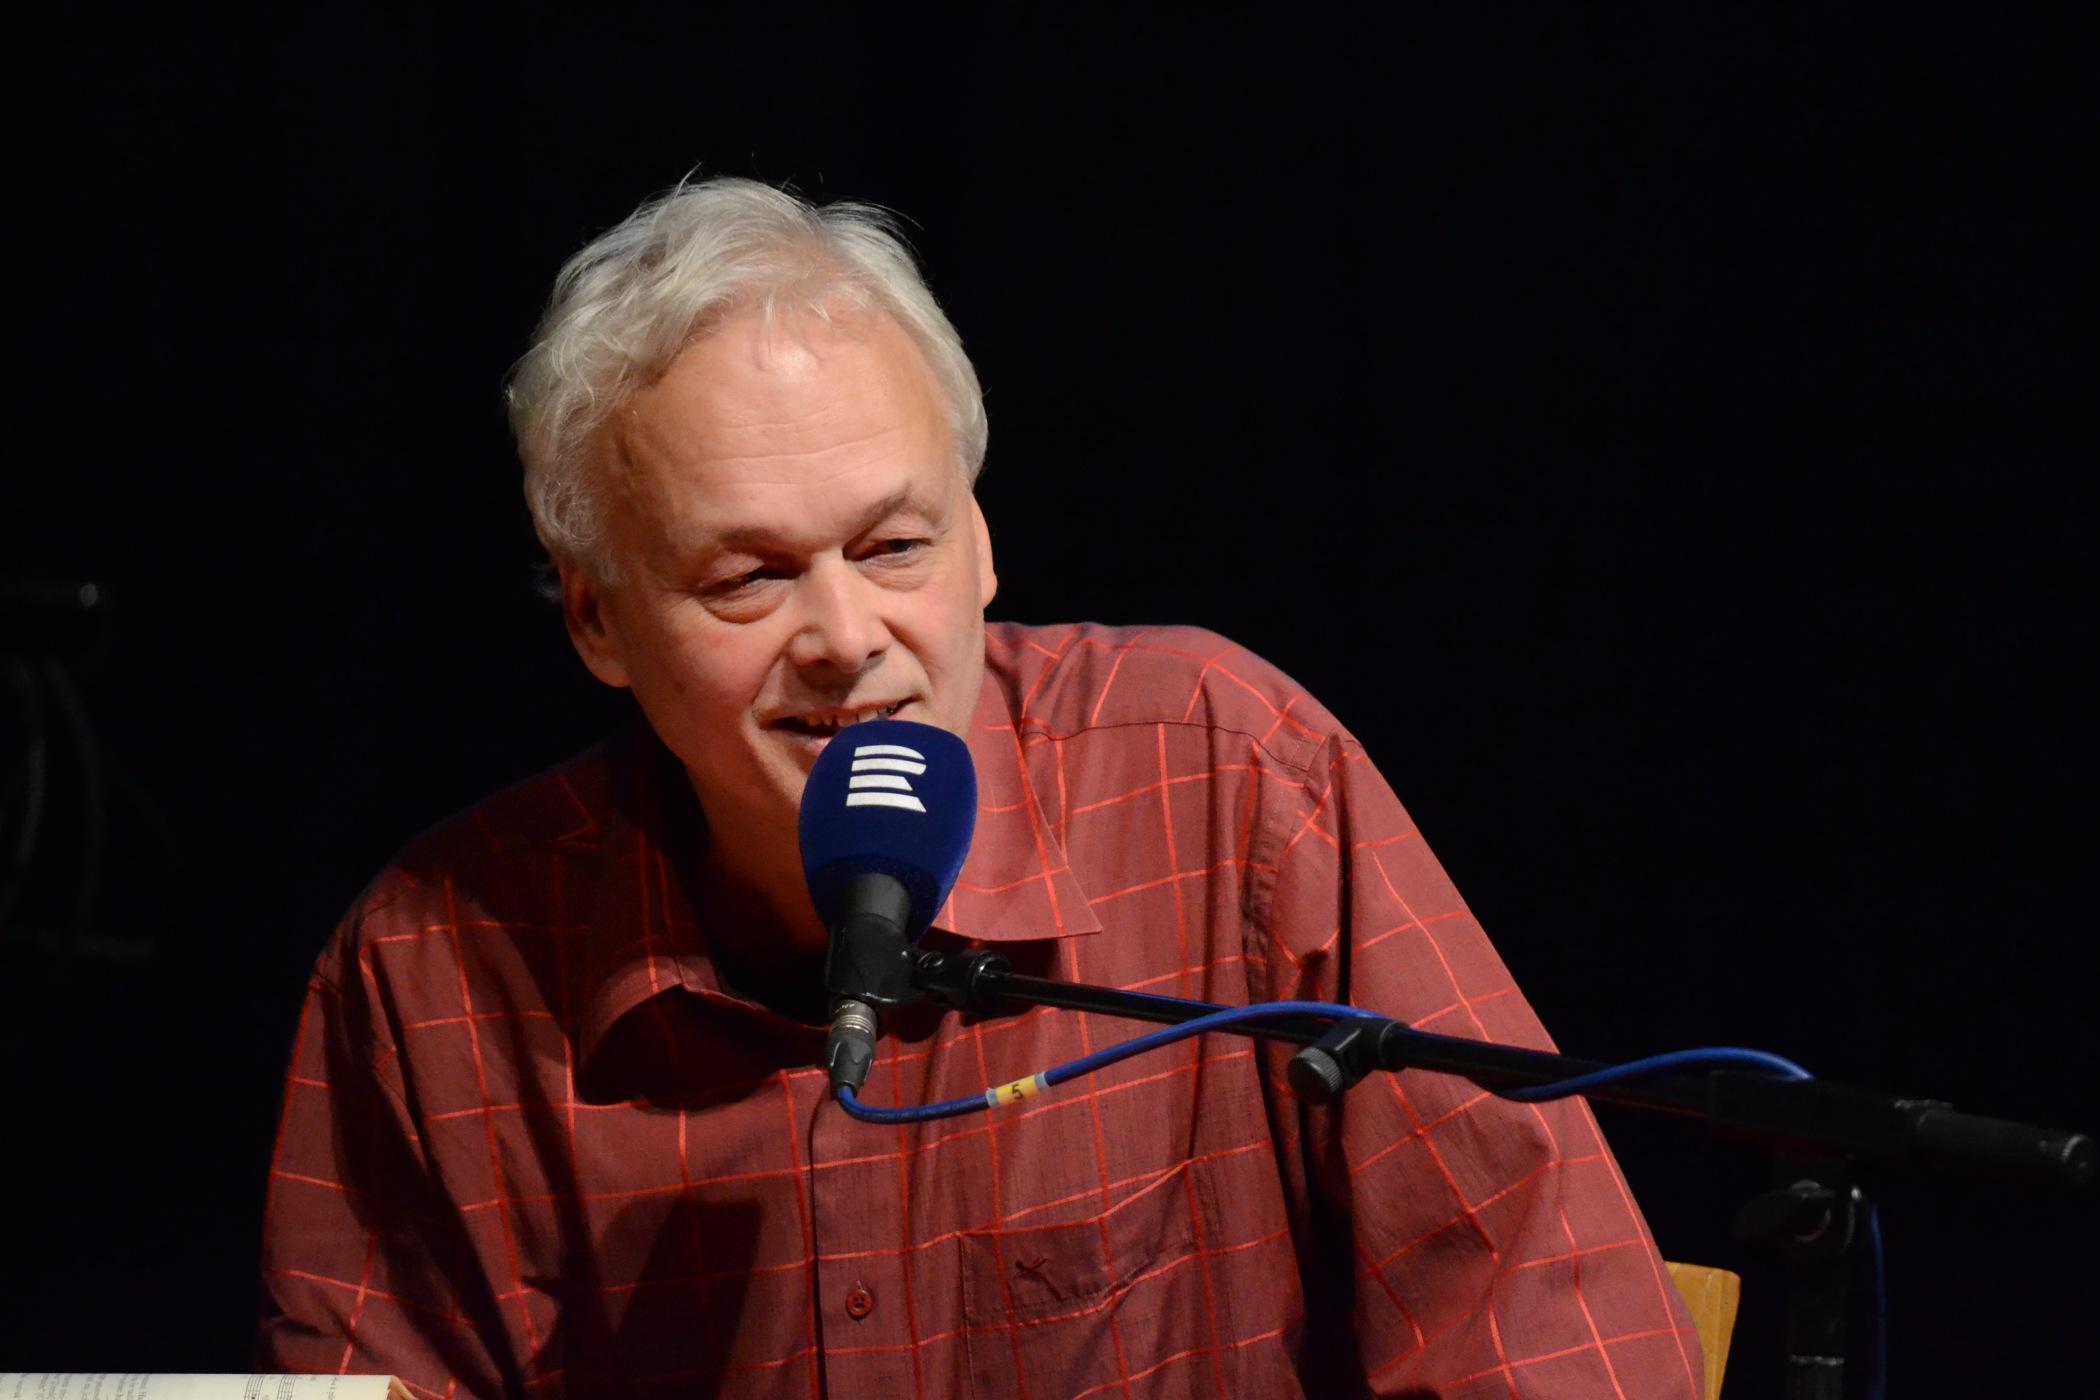 Host večera, hudební redaktor Jiří Plocek